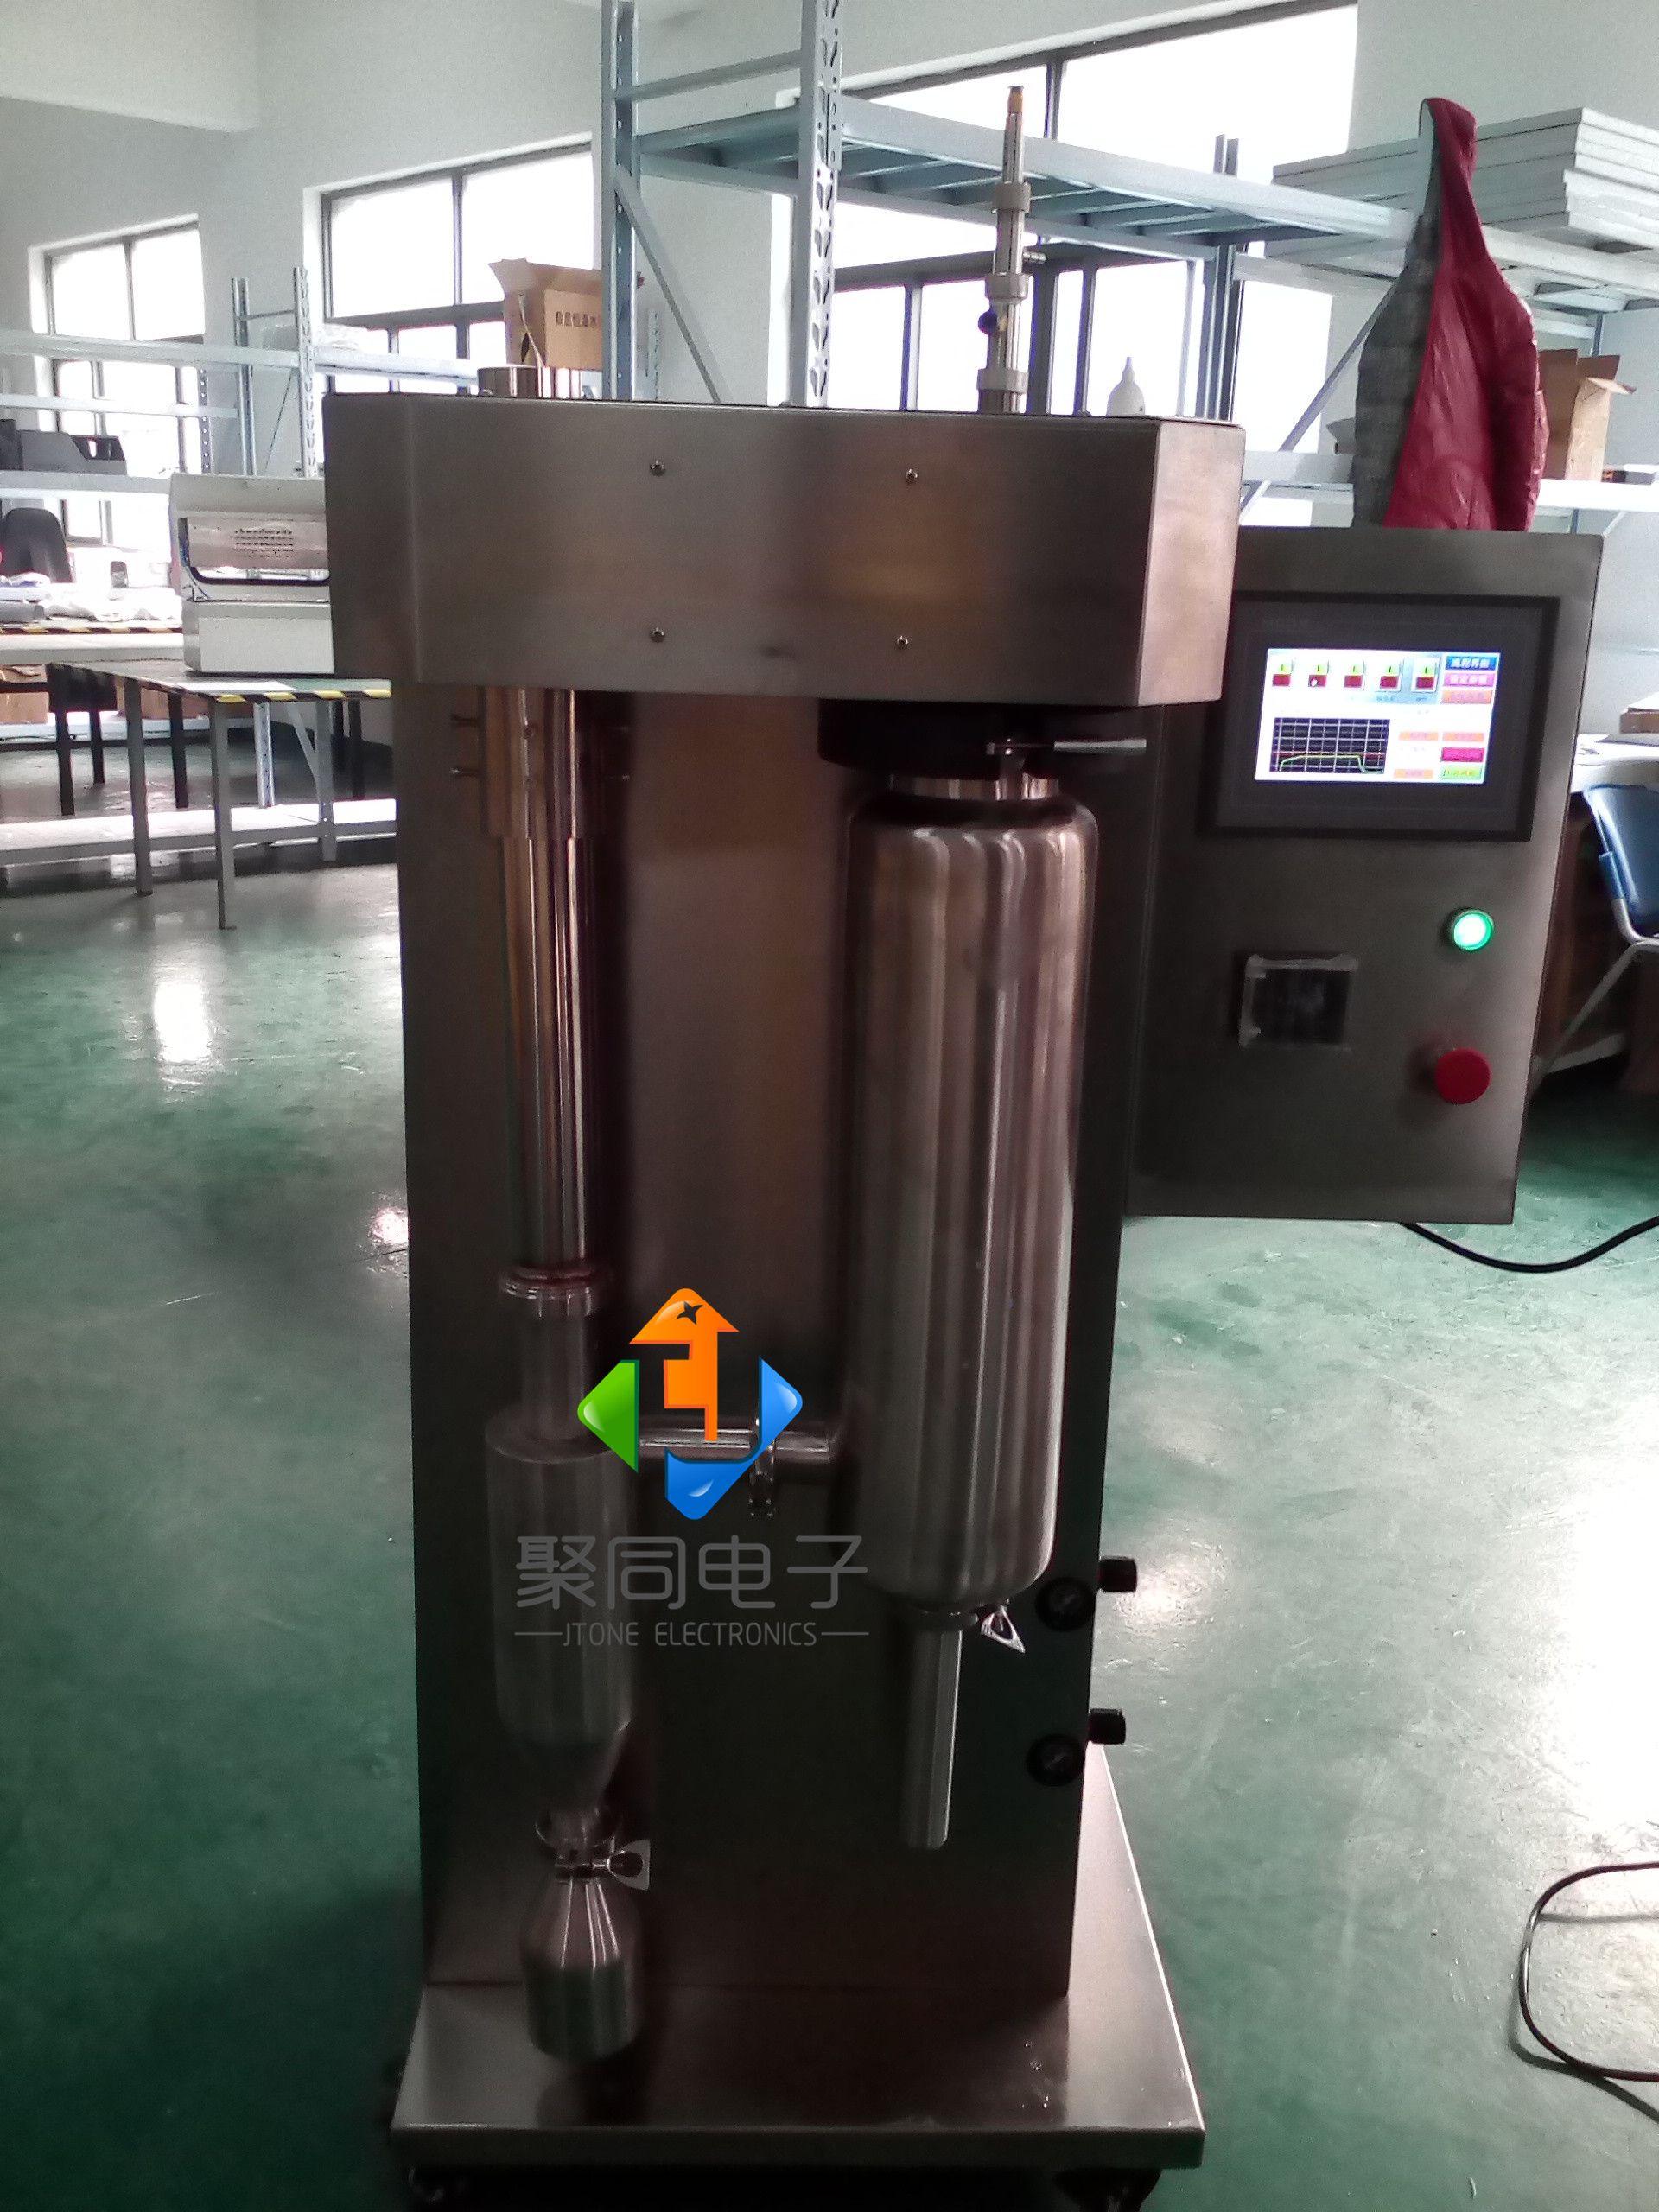 聚同实验室喷雾干燥机JT-8000Y使用视频